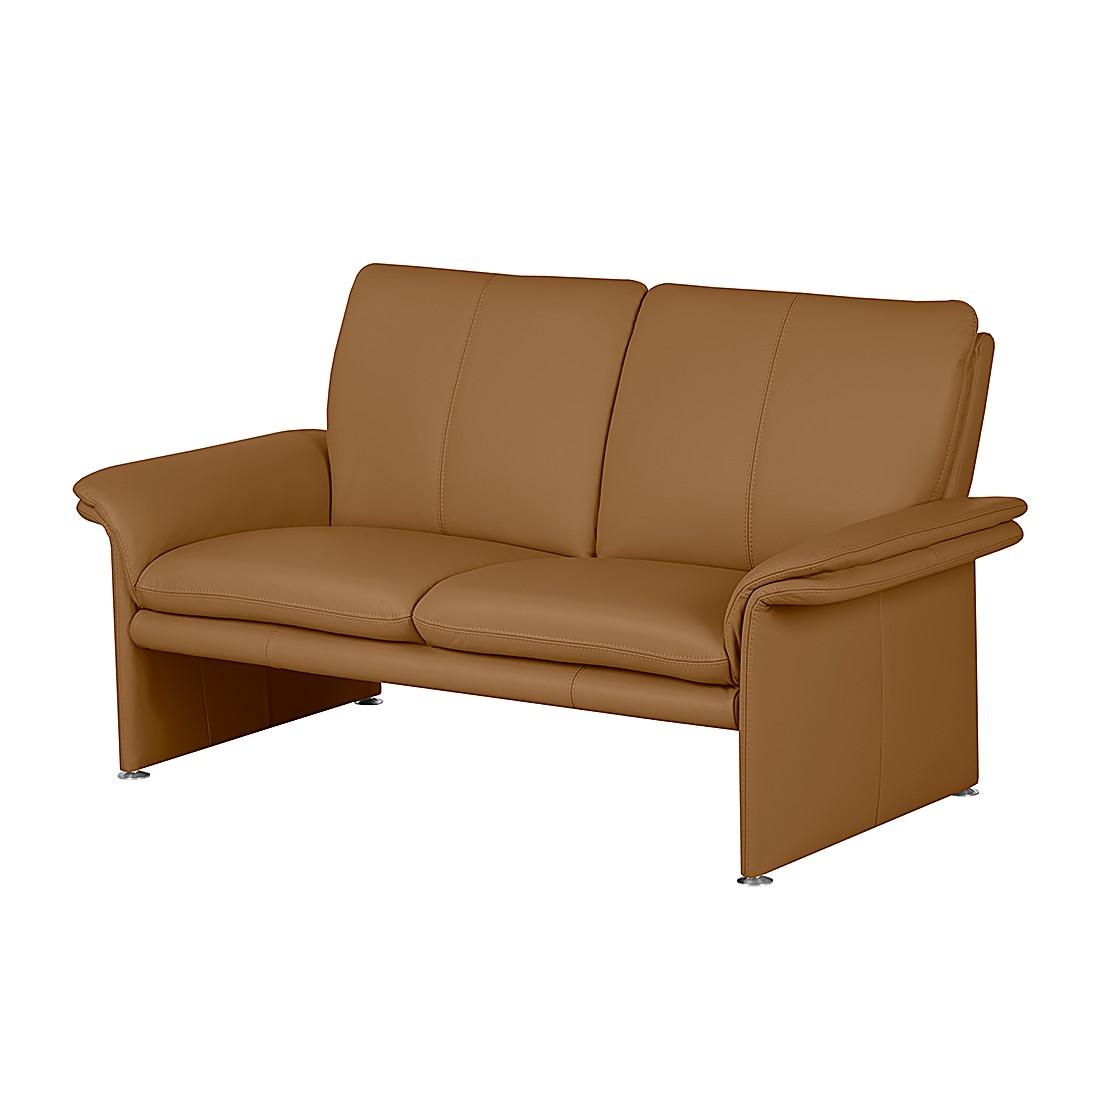 lebendiges wandbild aus pflanzen tipps vom einrichter. Black Bedroom Furniture Sets. Home Design Ideas